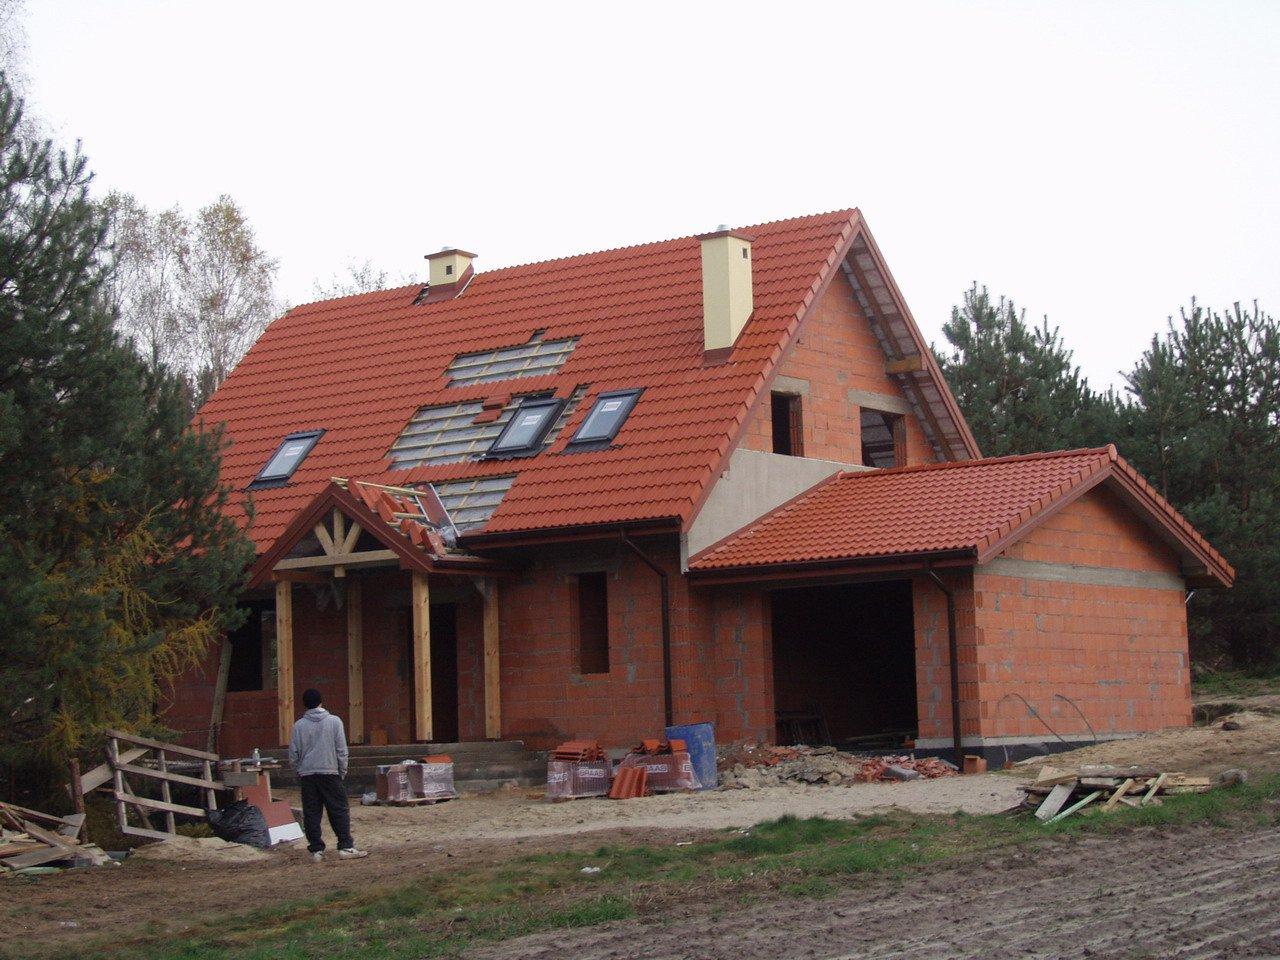 projekt-domu-lesny-zakatek-fot-8-1390379644-zici6sru.jpg